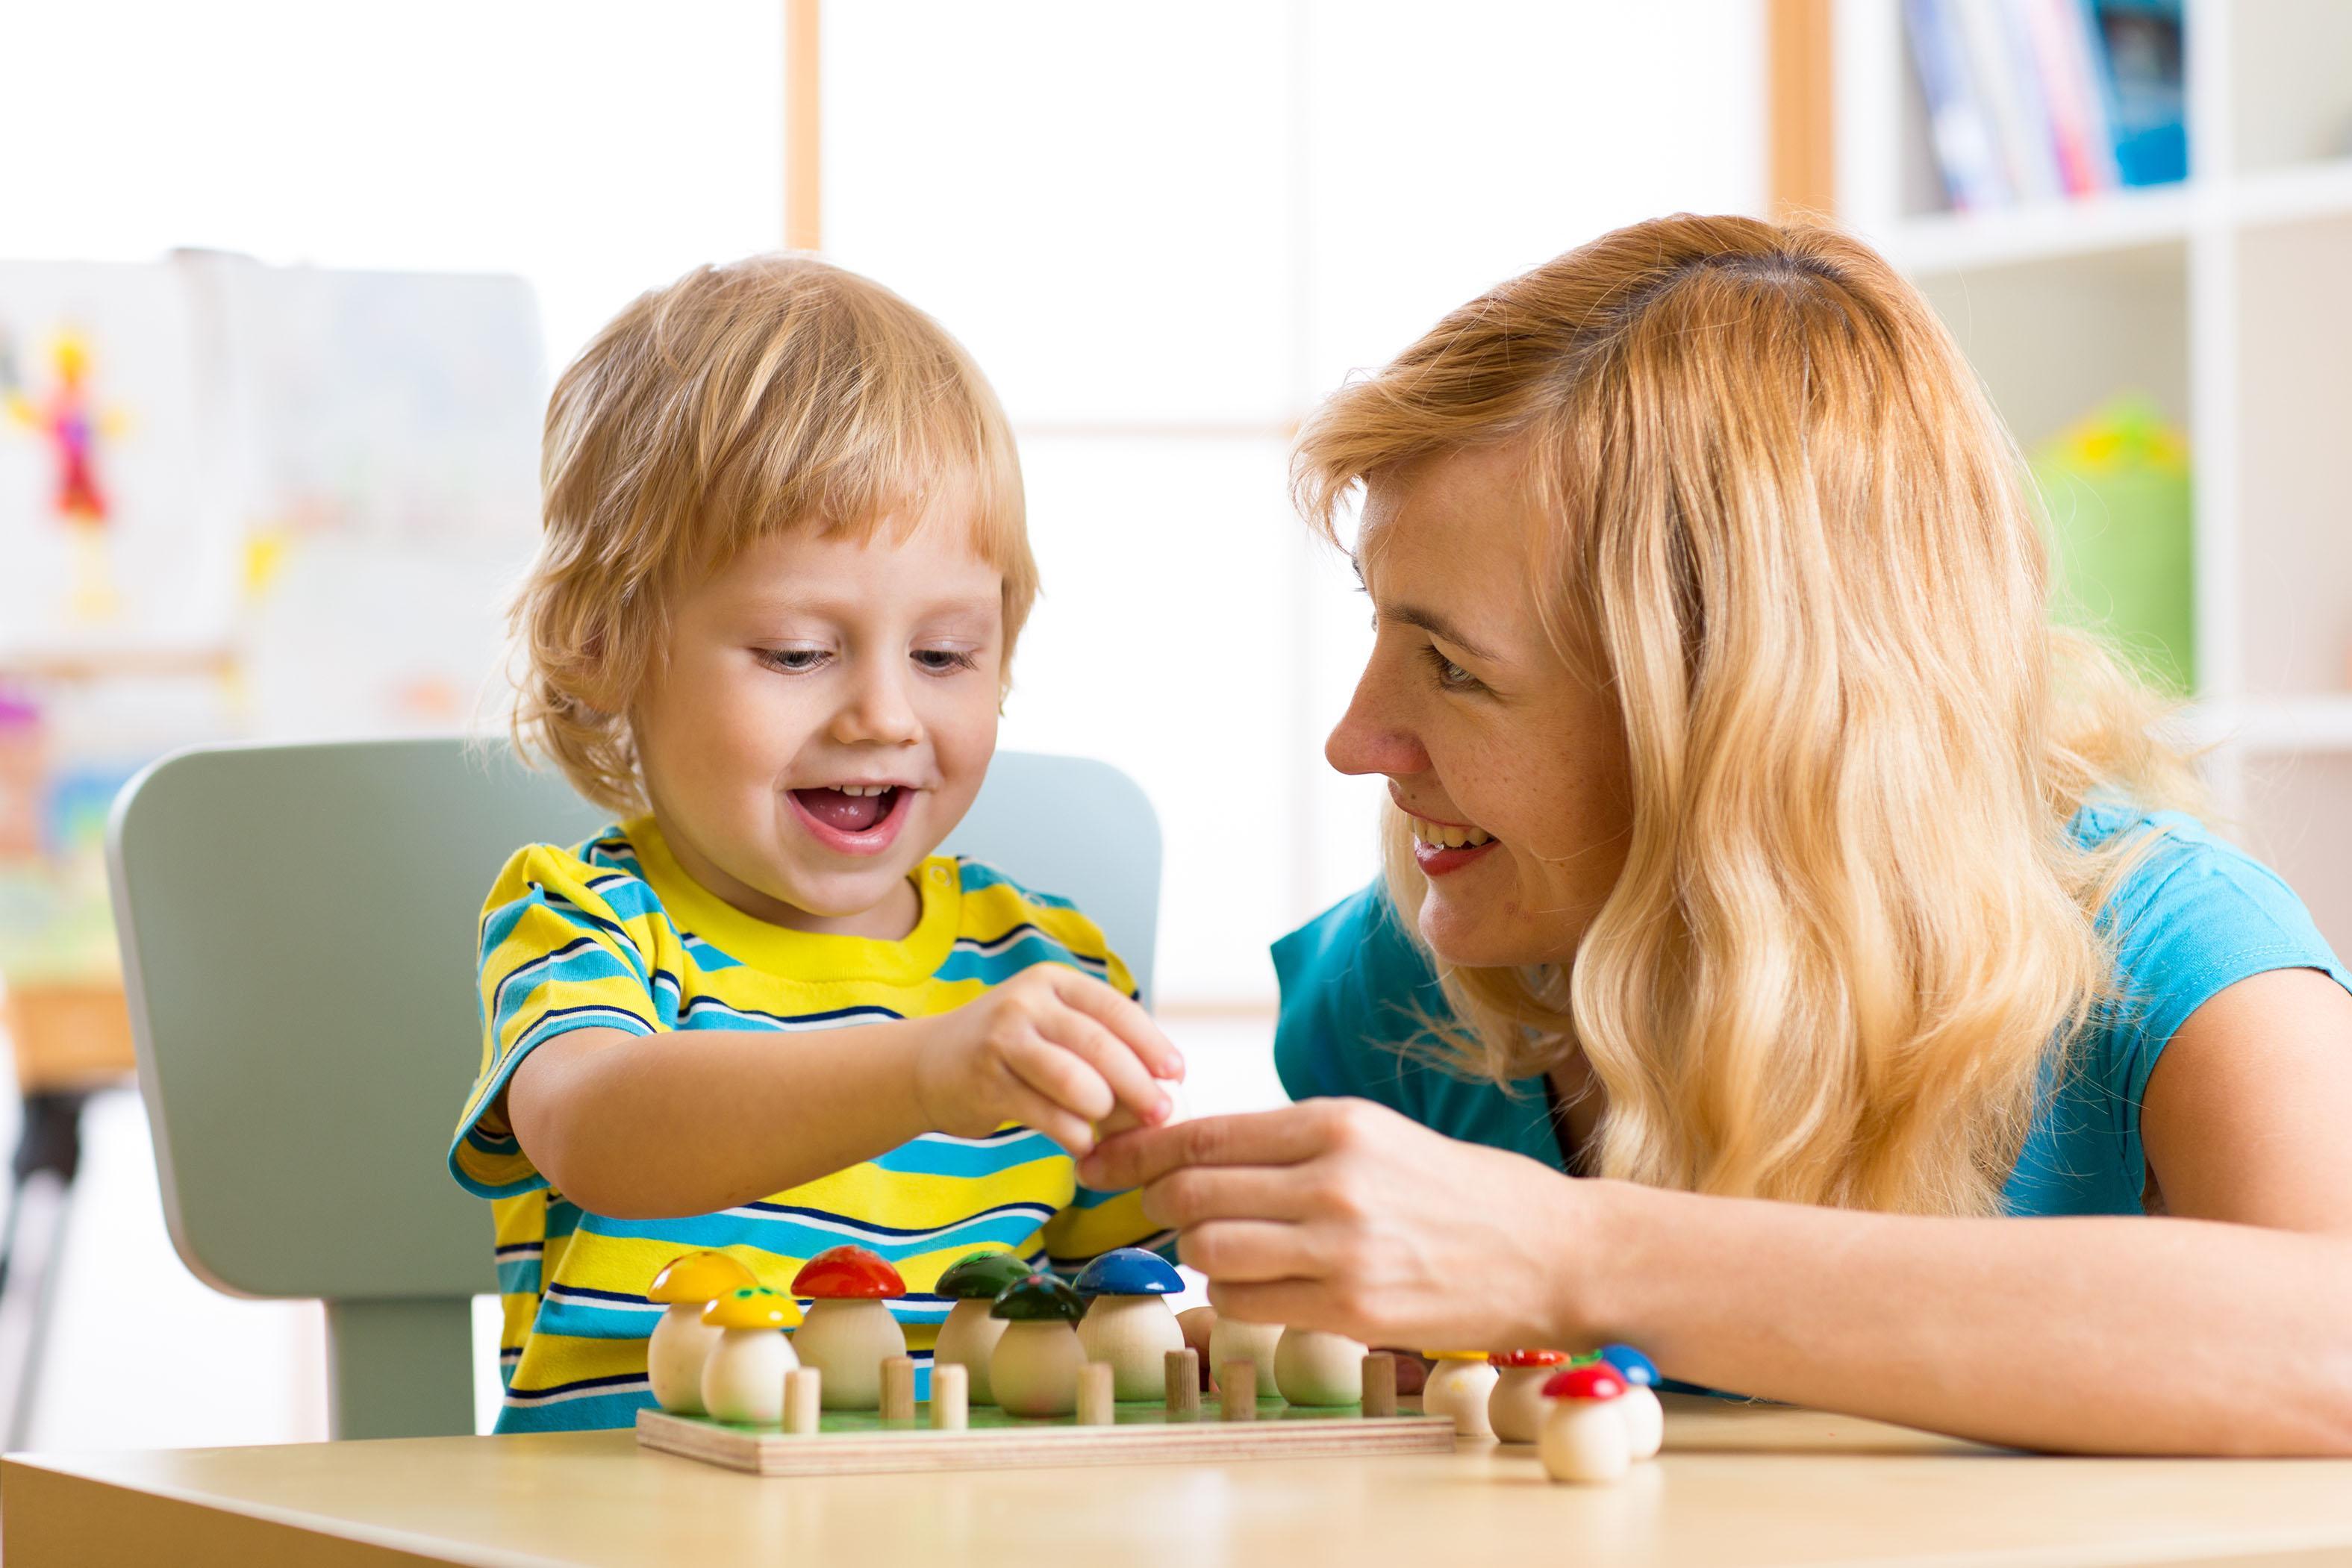 Tipps wenn der Babysitter das erste Mal vorbeikommt